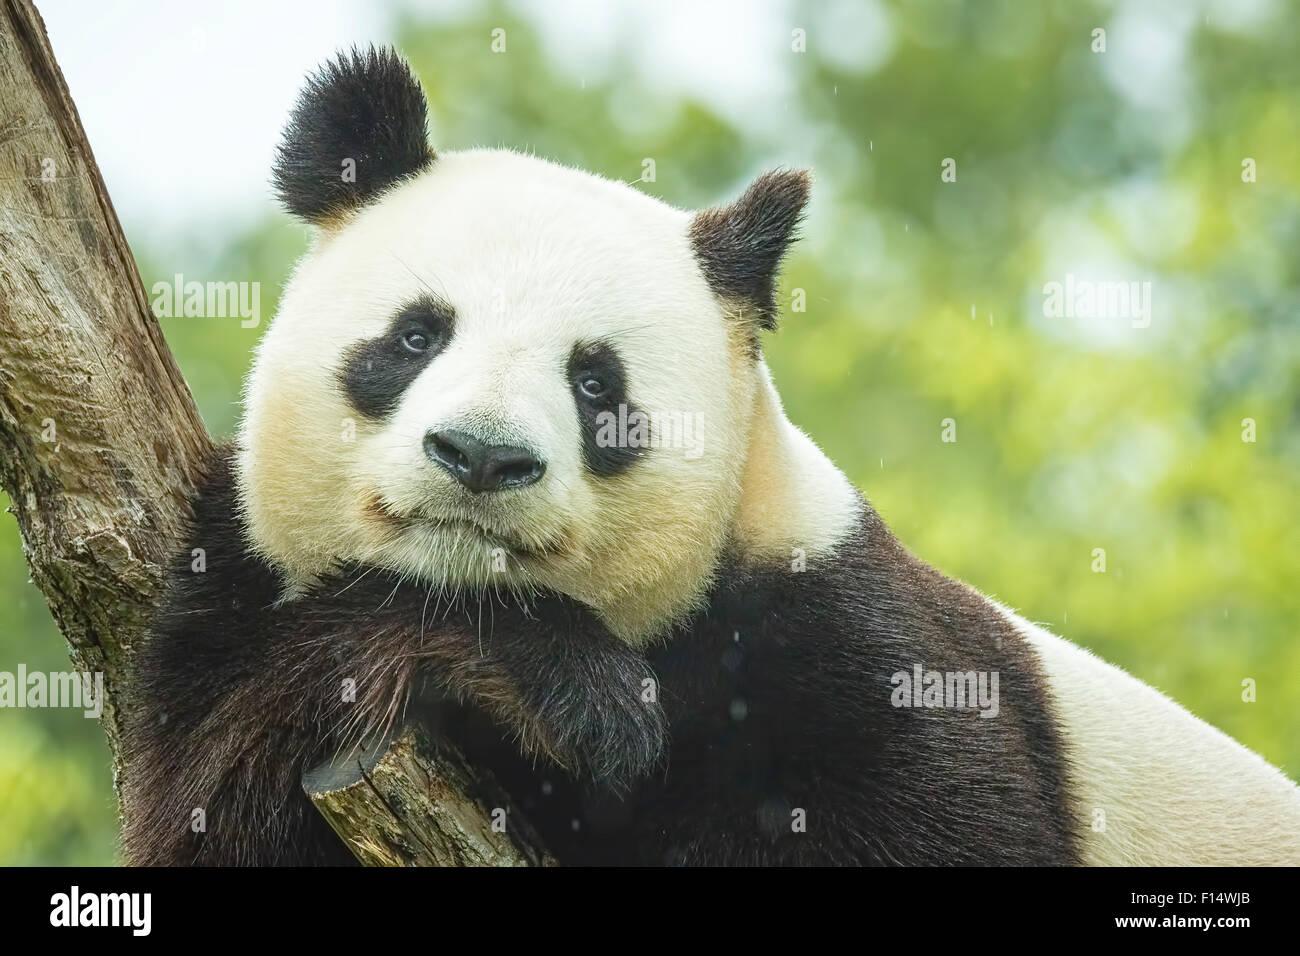 Portrait d'un panda géant au cours de la pluie dans une forêt après avoir mangé le bambou Photo Stock